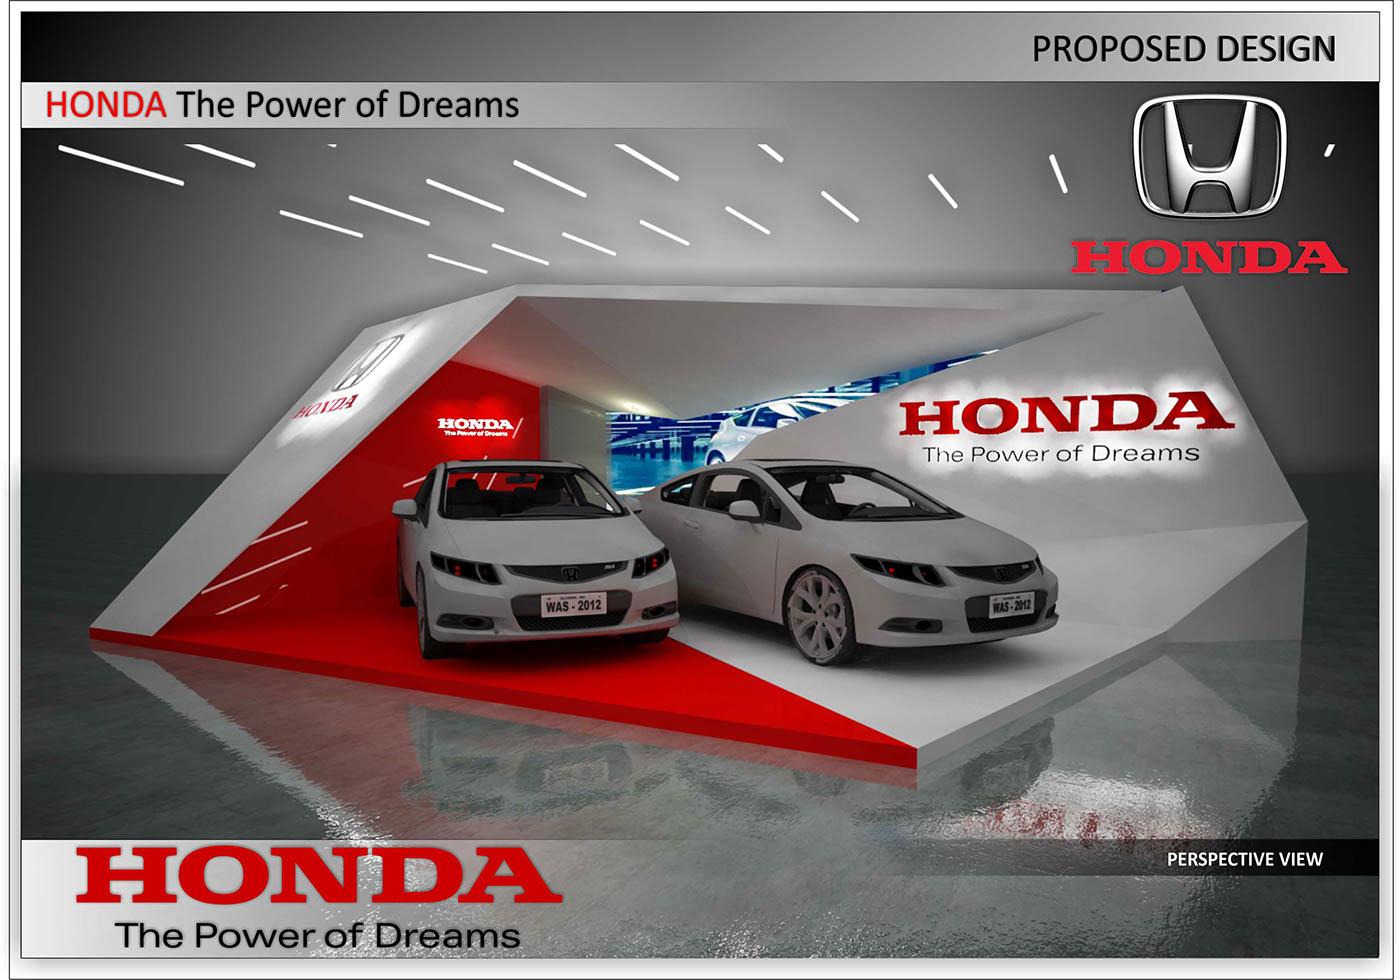 Exhibition Design  interior design  Event Design mall to mall road show event